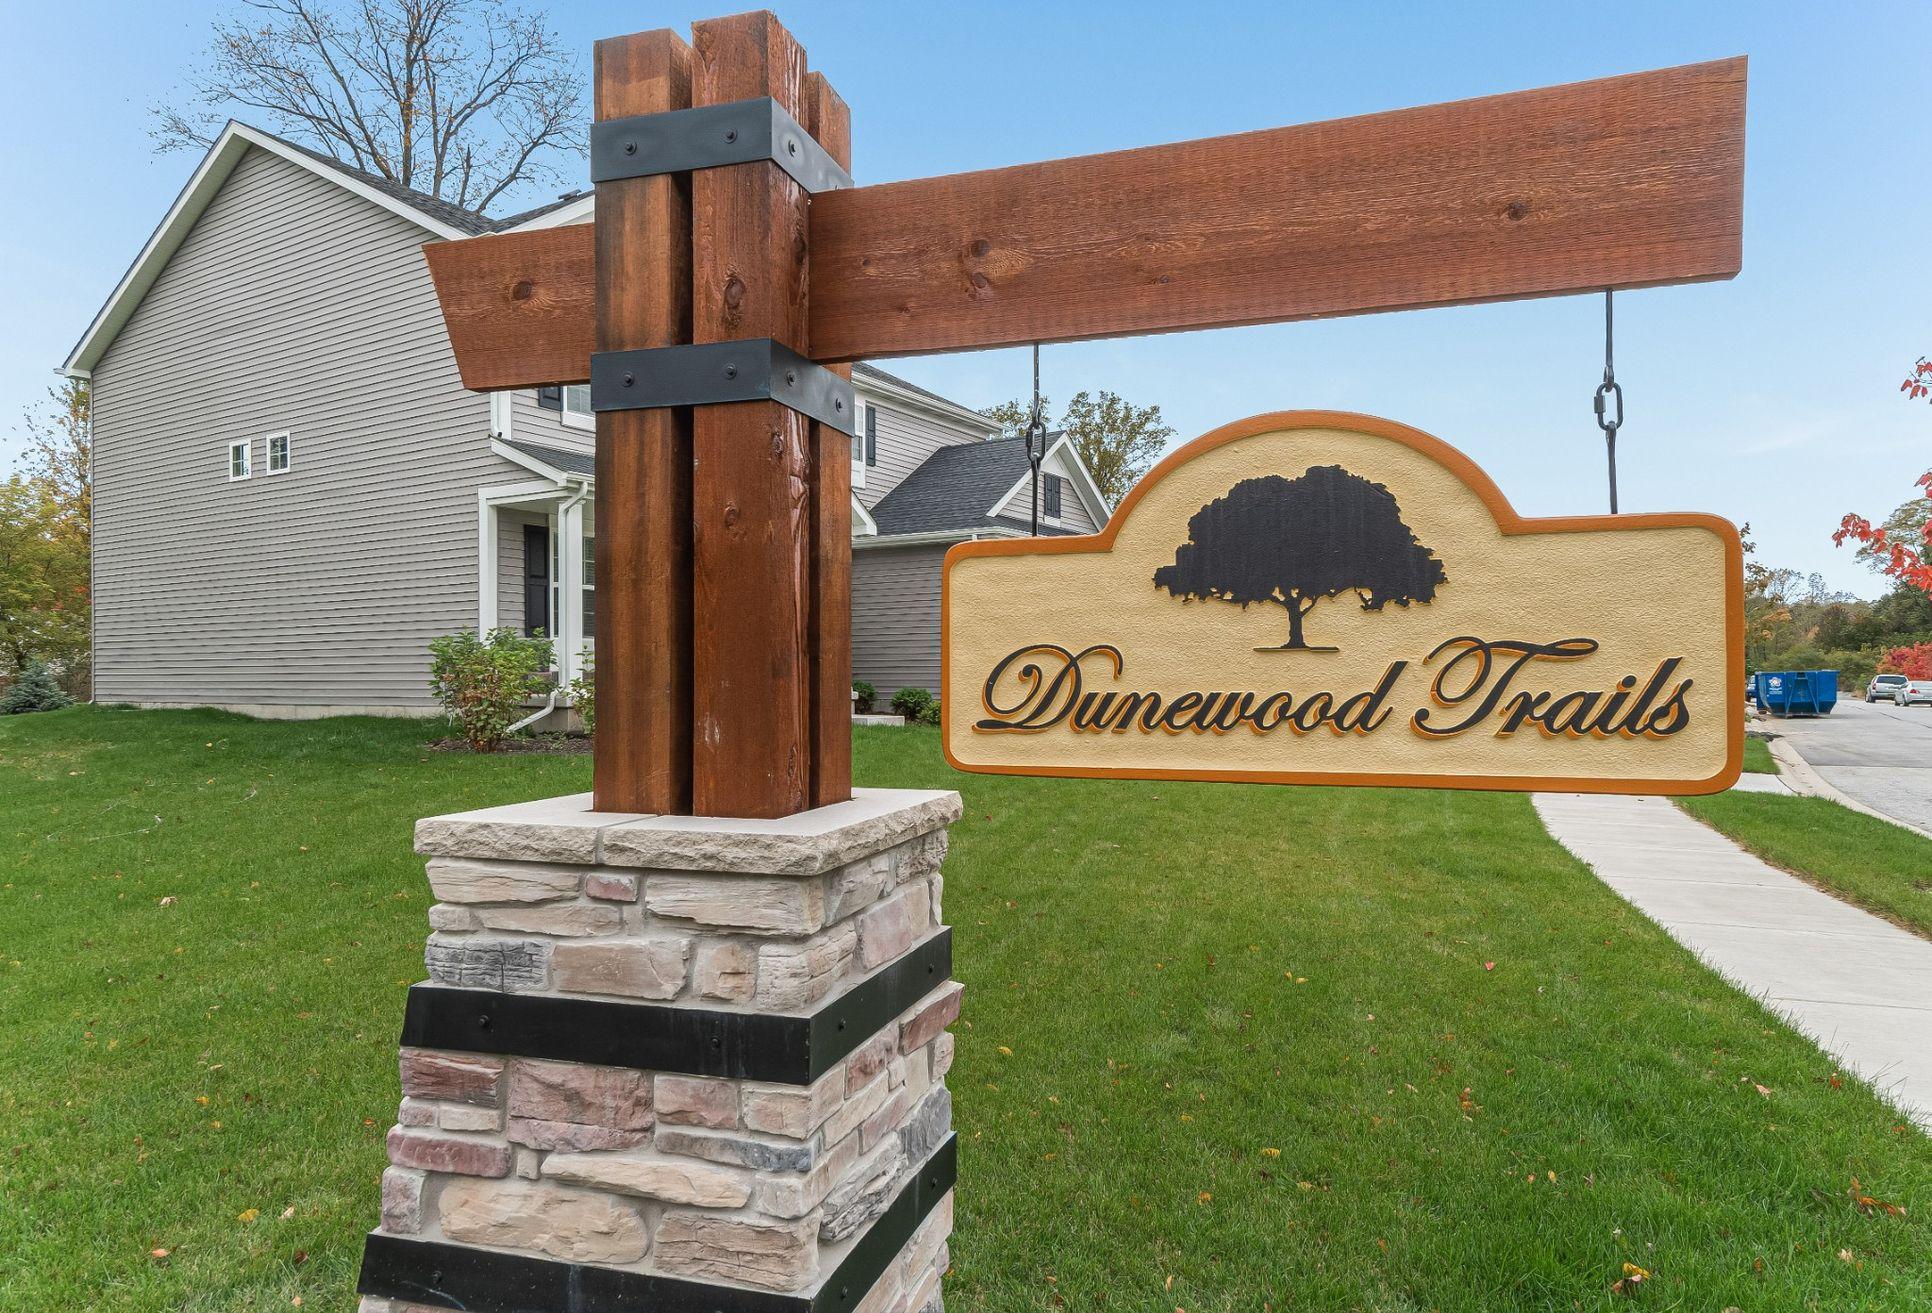 Dunewood Trails,46368